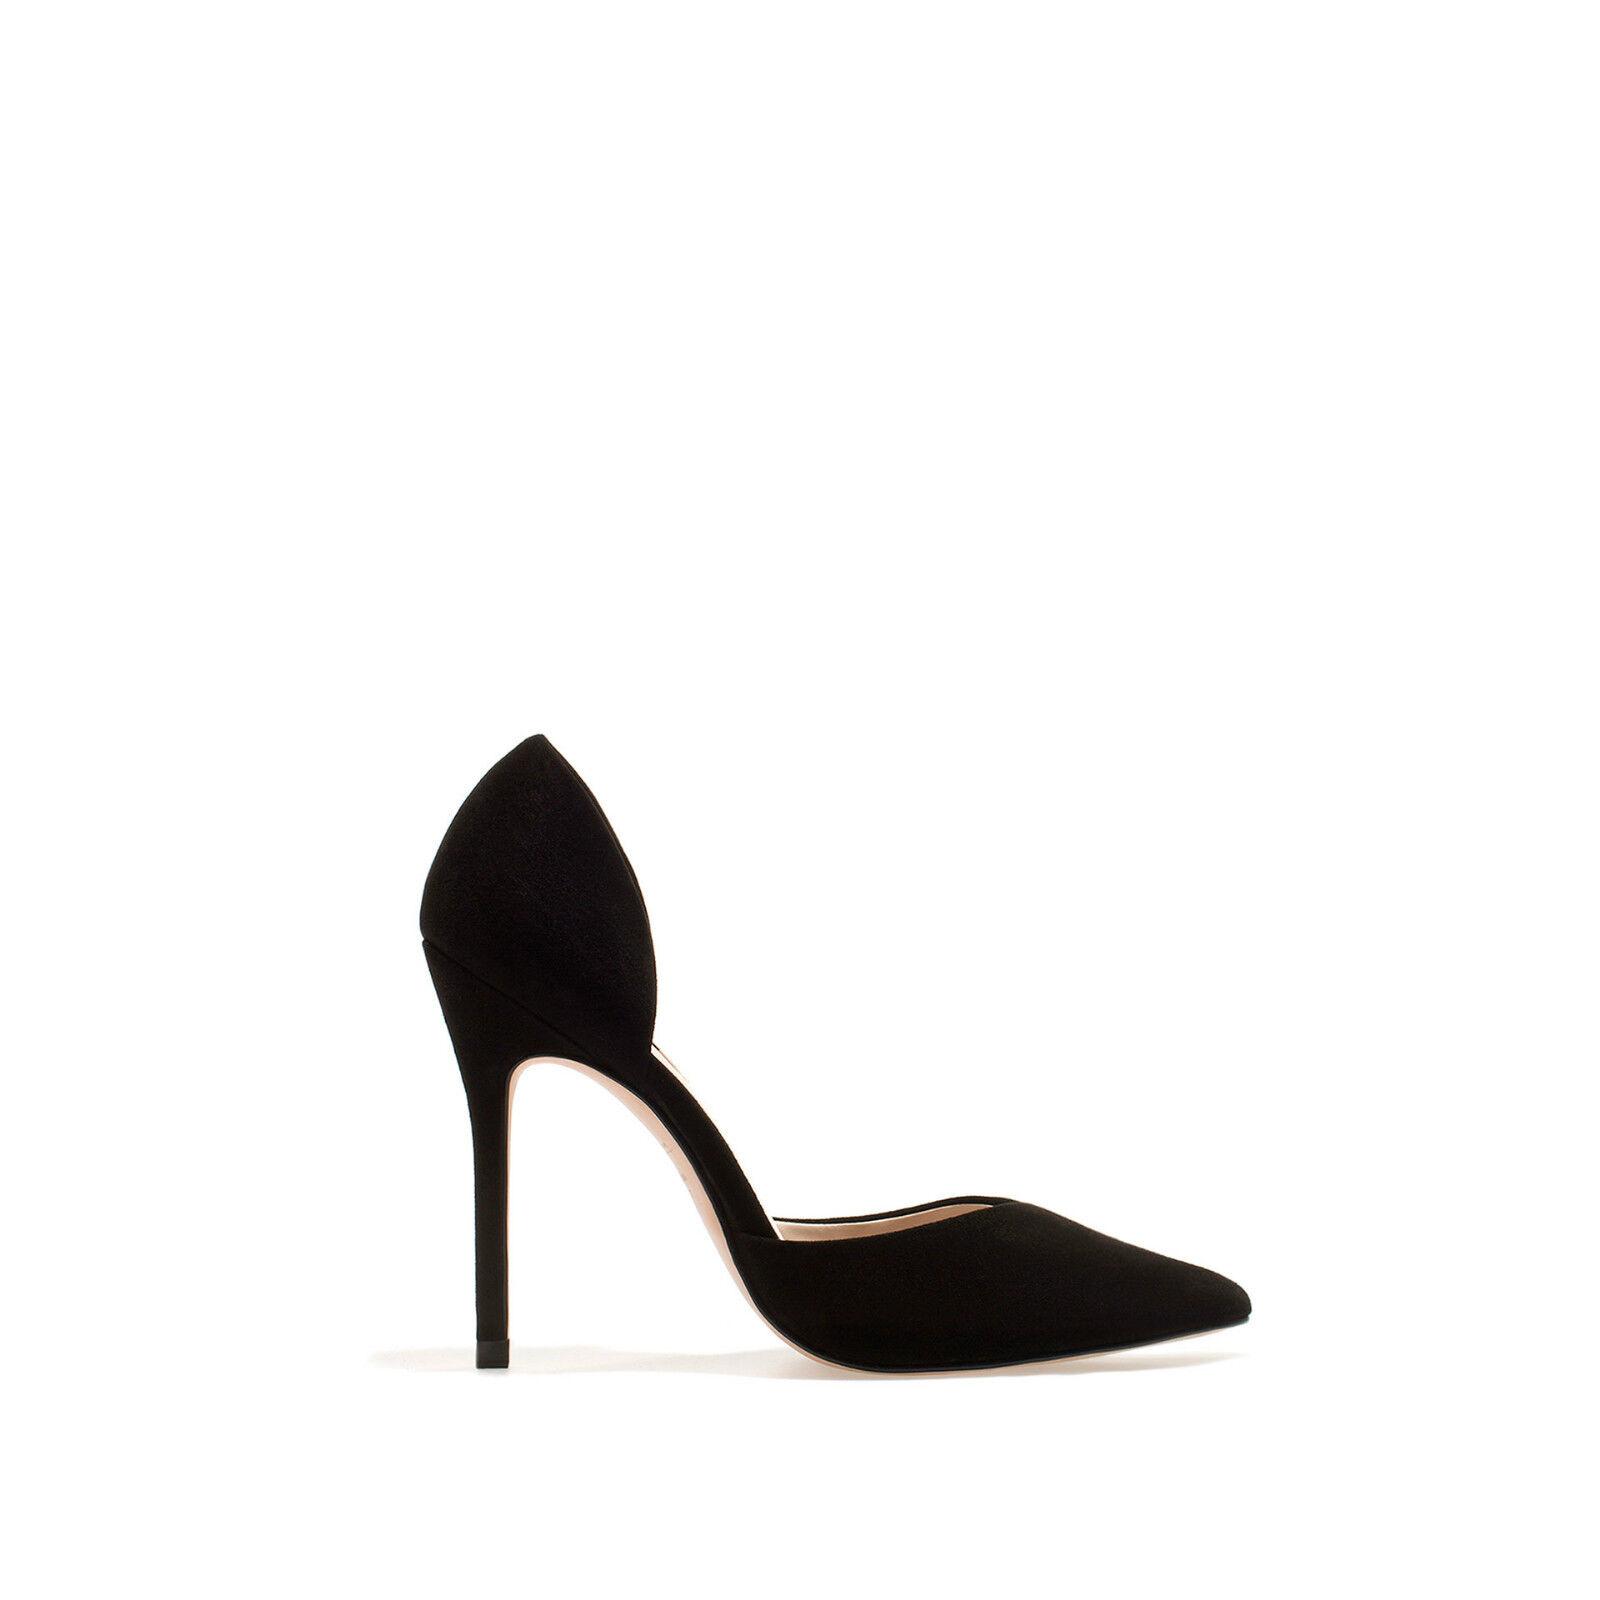 ZARA BLACK SUEDE VAMP HEEL PUMP Schuhe ALL SIZES REF. 1198/201/040